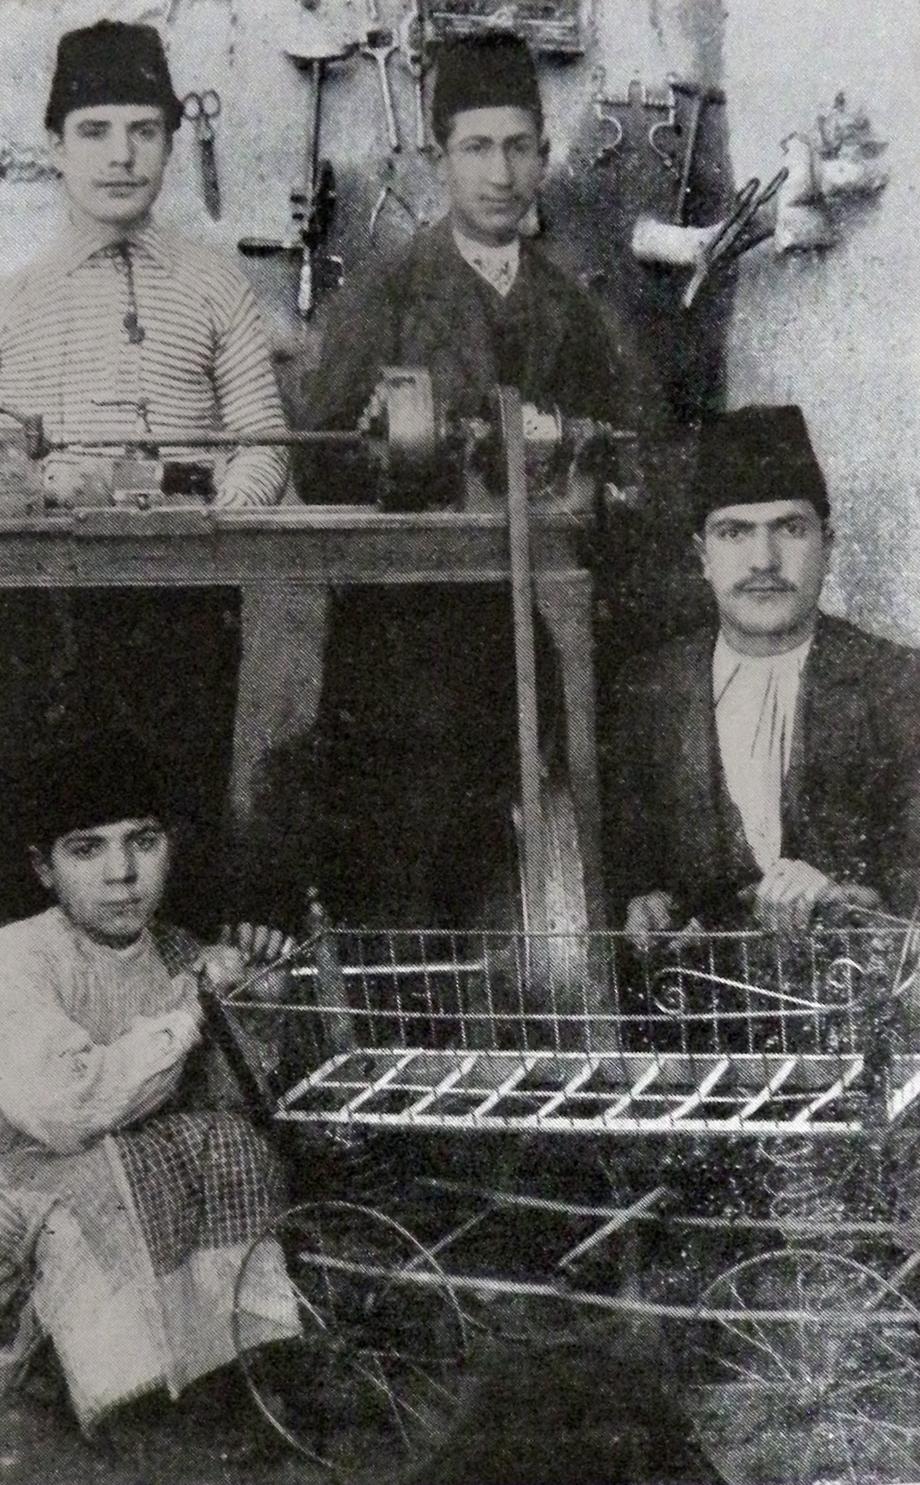 Harput ovasındaki Ermeni demirciler (Kaynak: Vahe Hayg, a.g.e.)